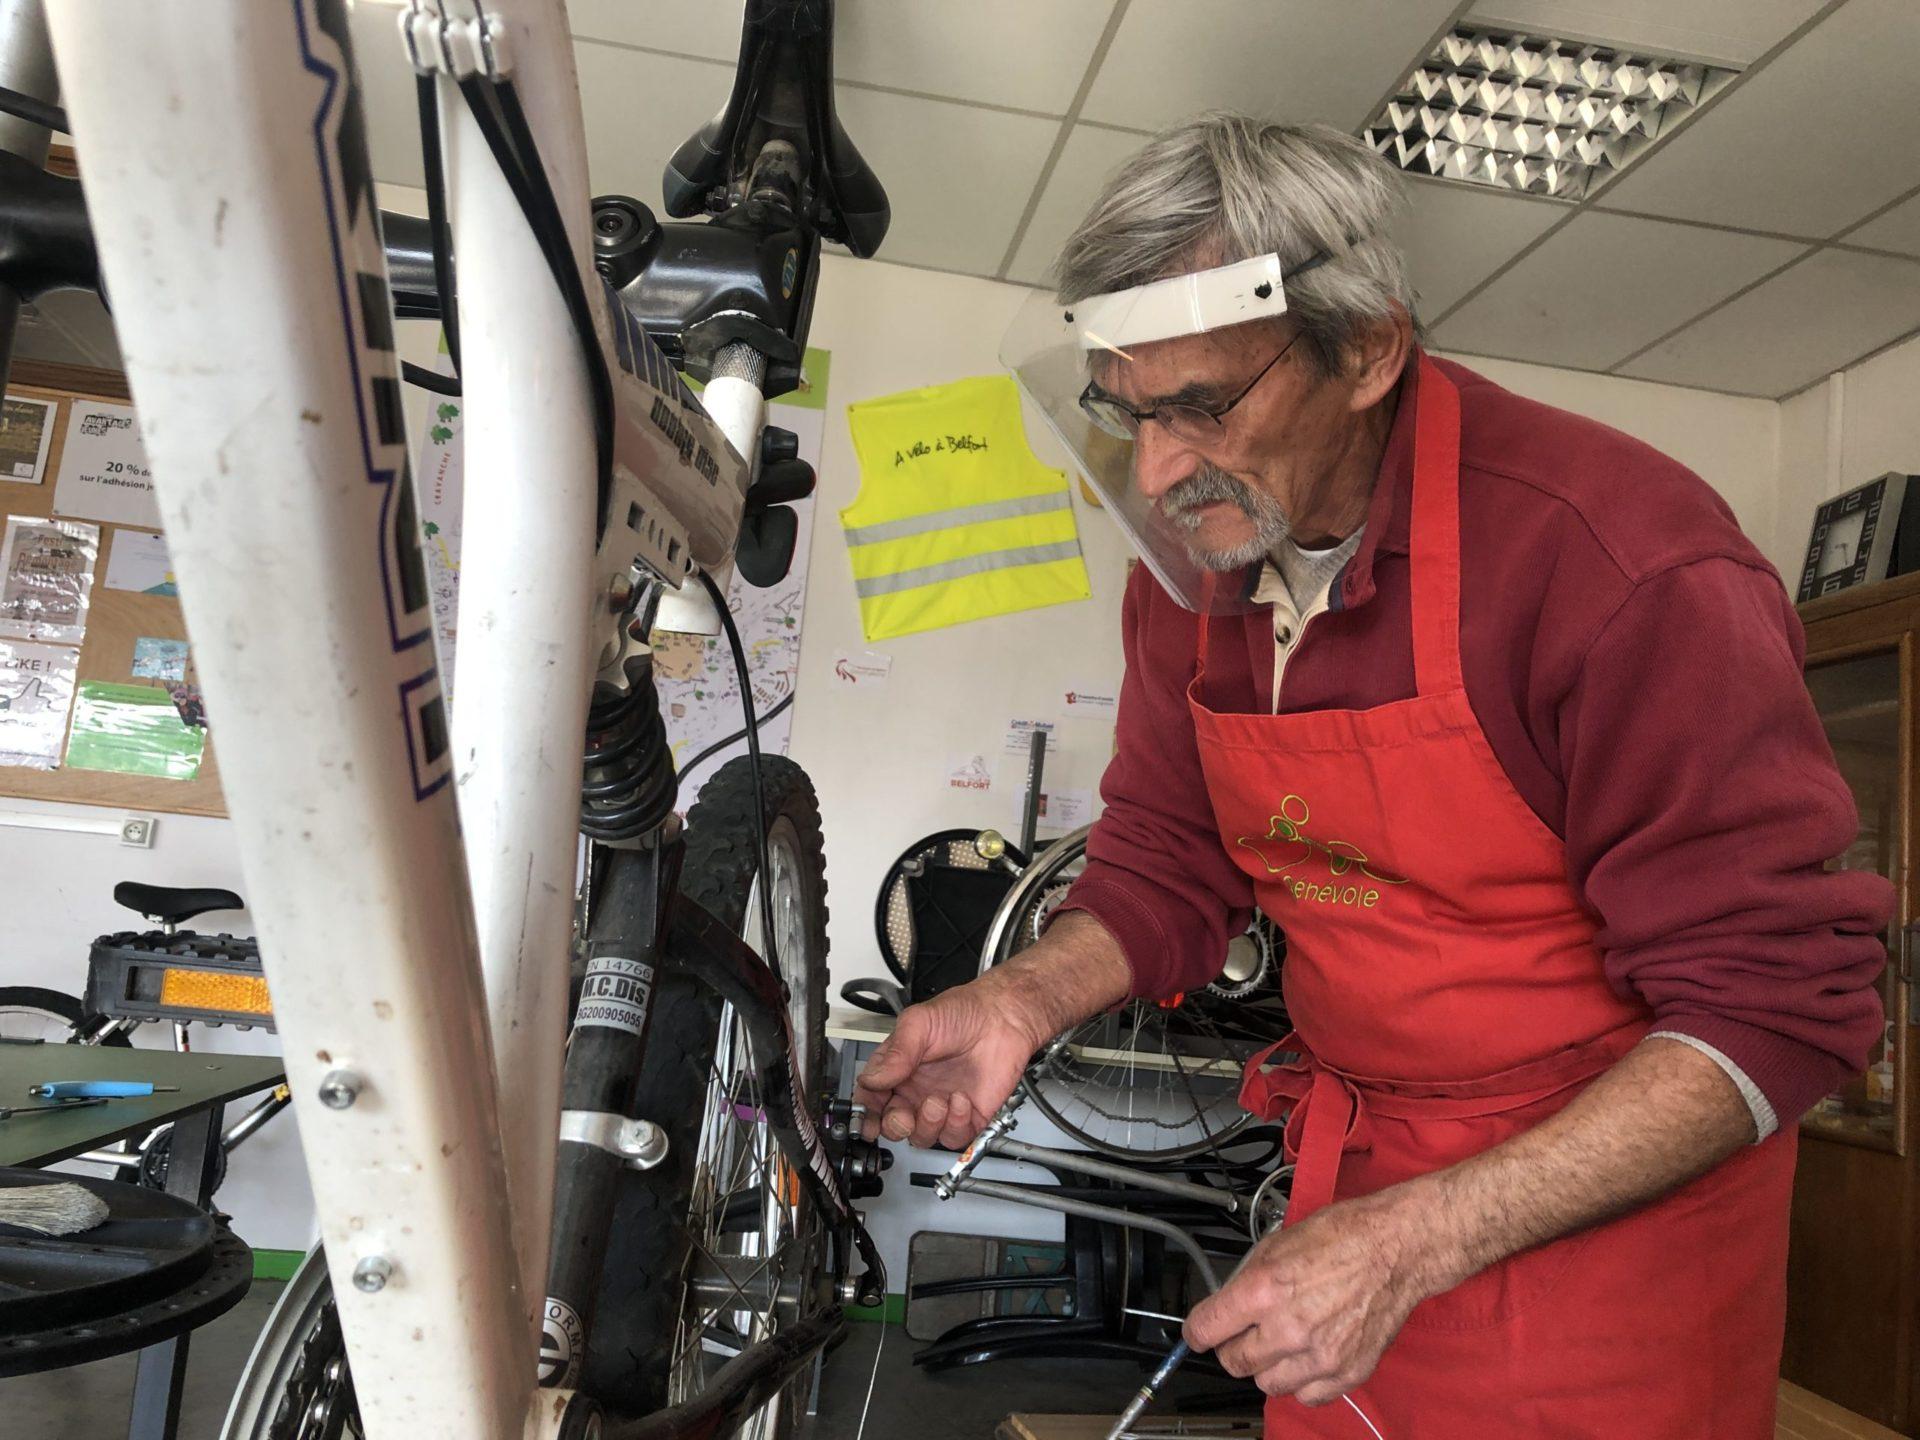 Patrick, bénévole au Maillon Solidaire, applique les mesures barrière mises en place à l'atelier.